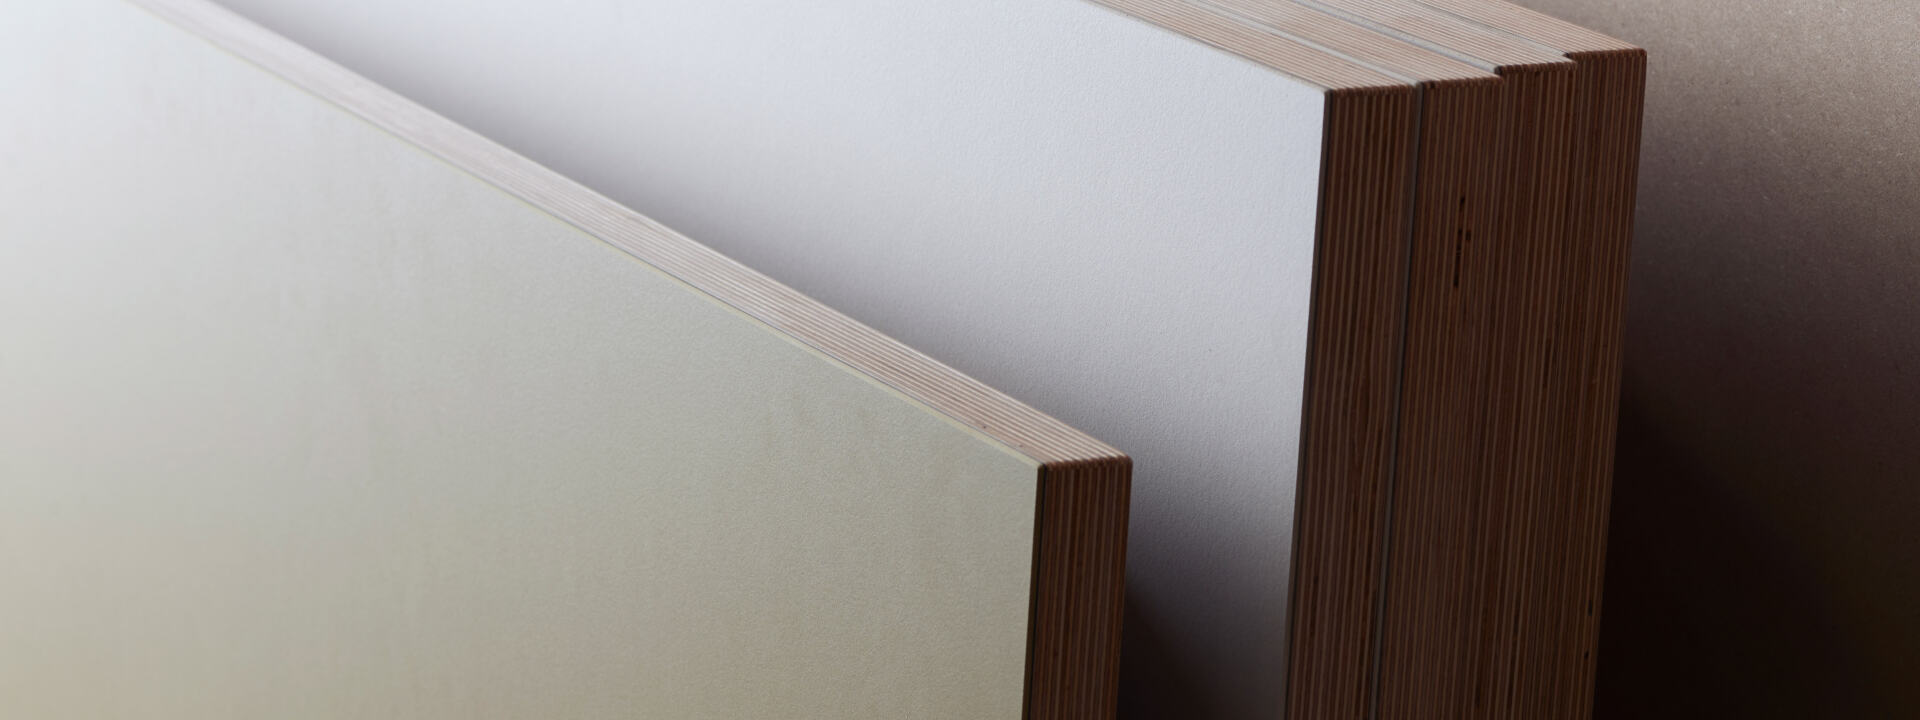 Linoleum Tischplatte & Tisch, Tische, Linoleumplatte, Linoleum, Linoleum Tischplatten auf Maß, Tip Top Tabletop, 3D, Freiformtischplatte, Freiform Tischplatte